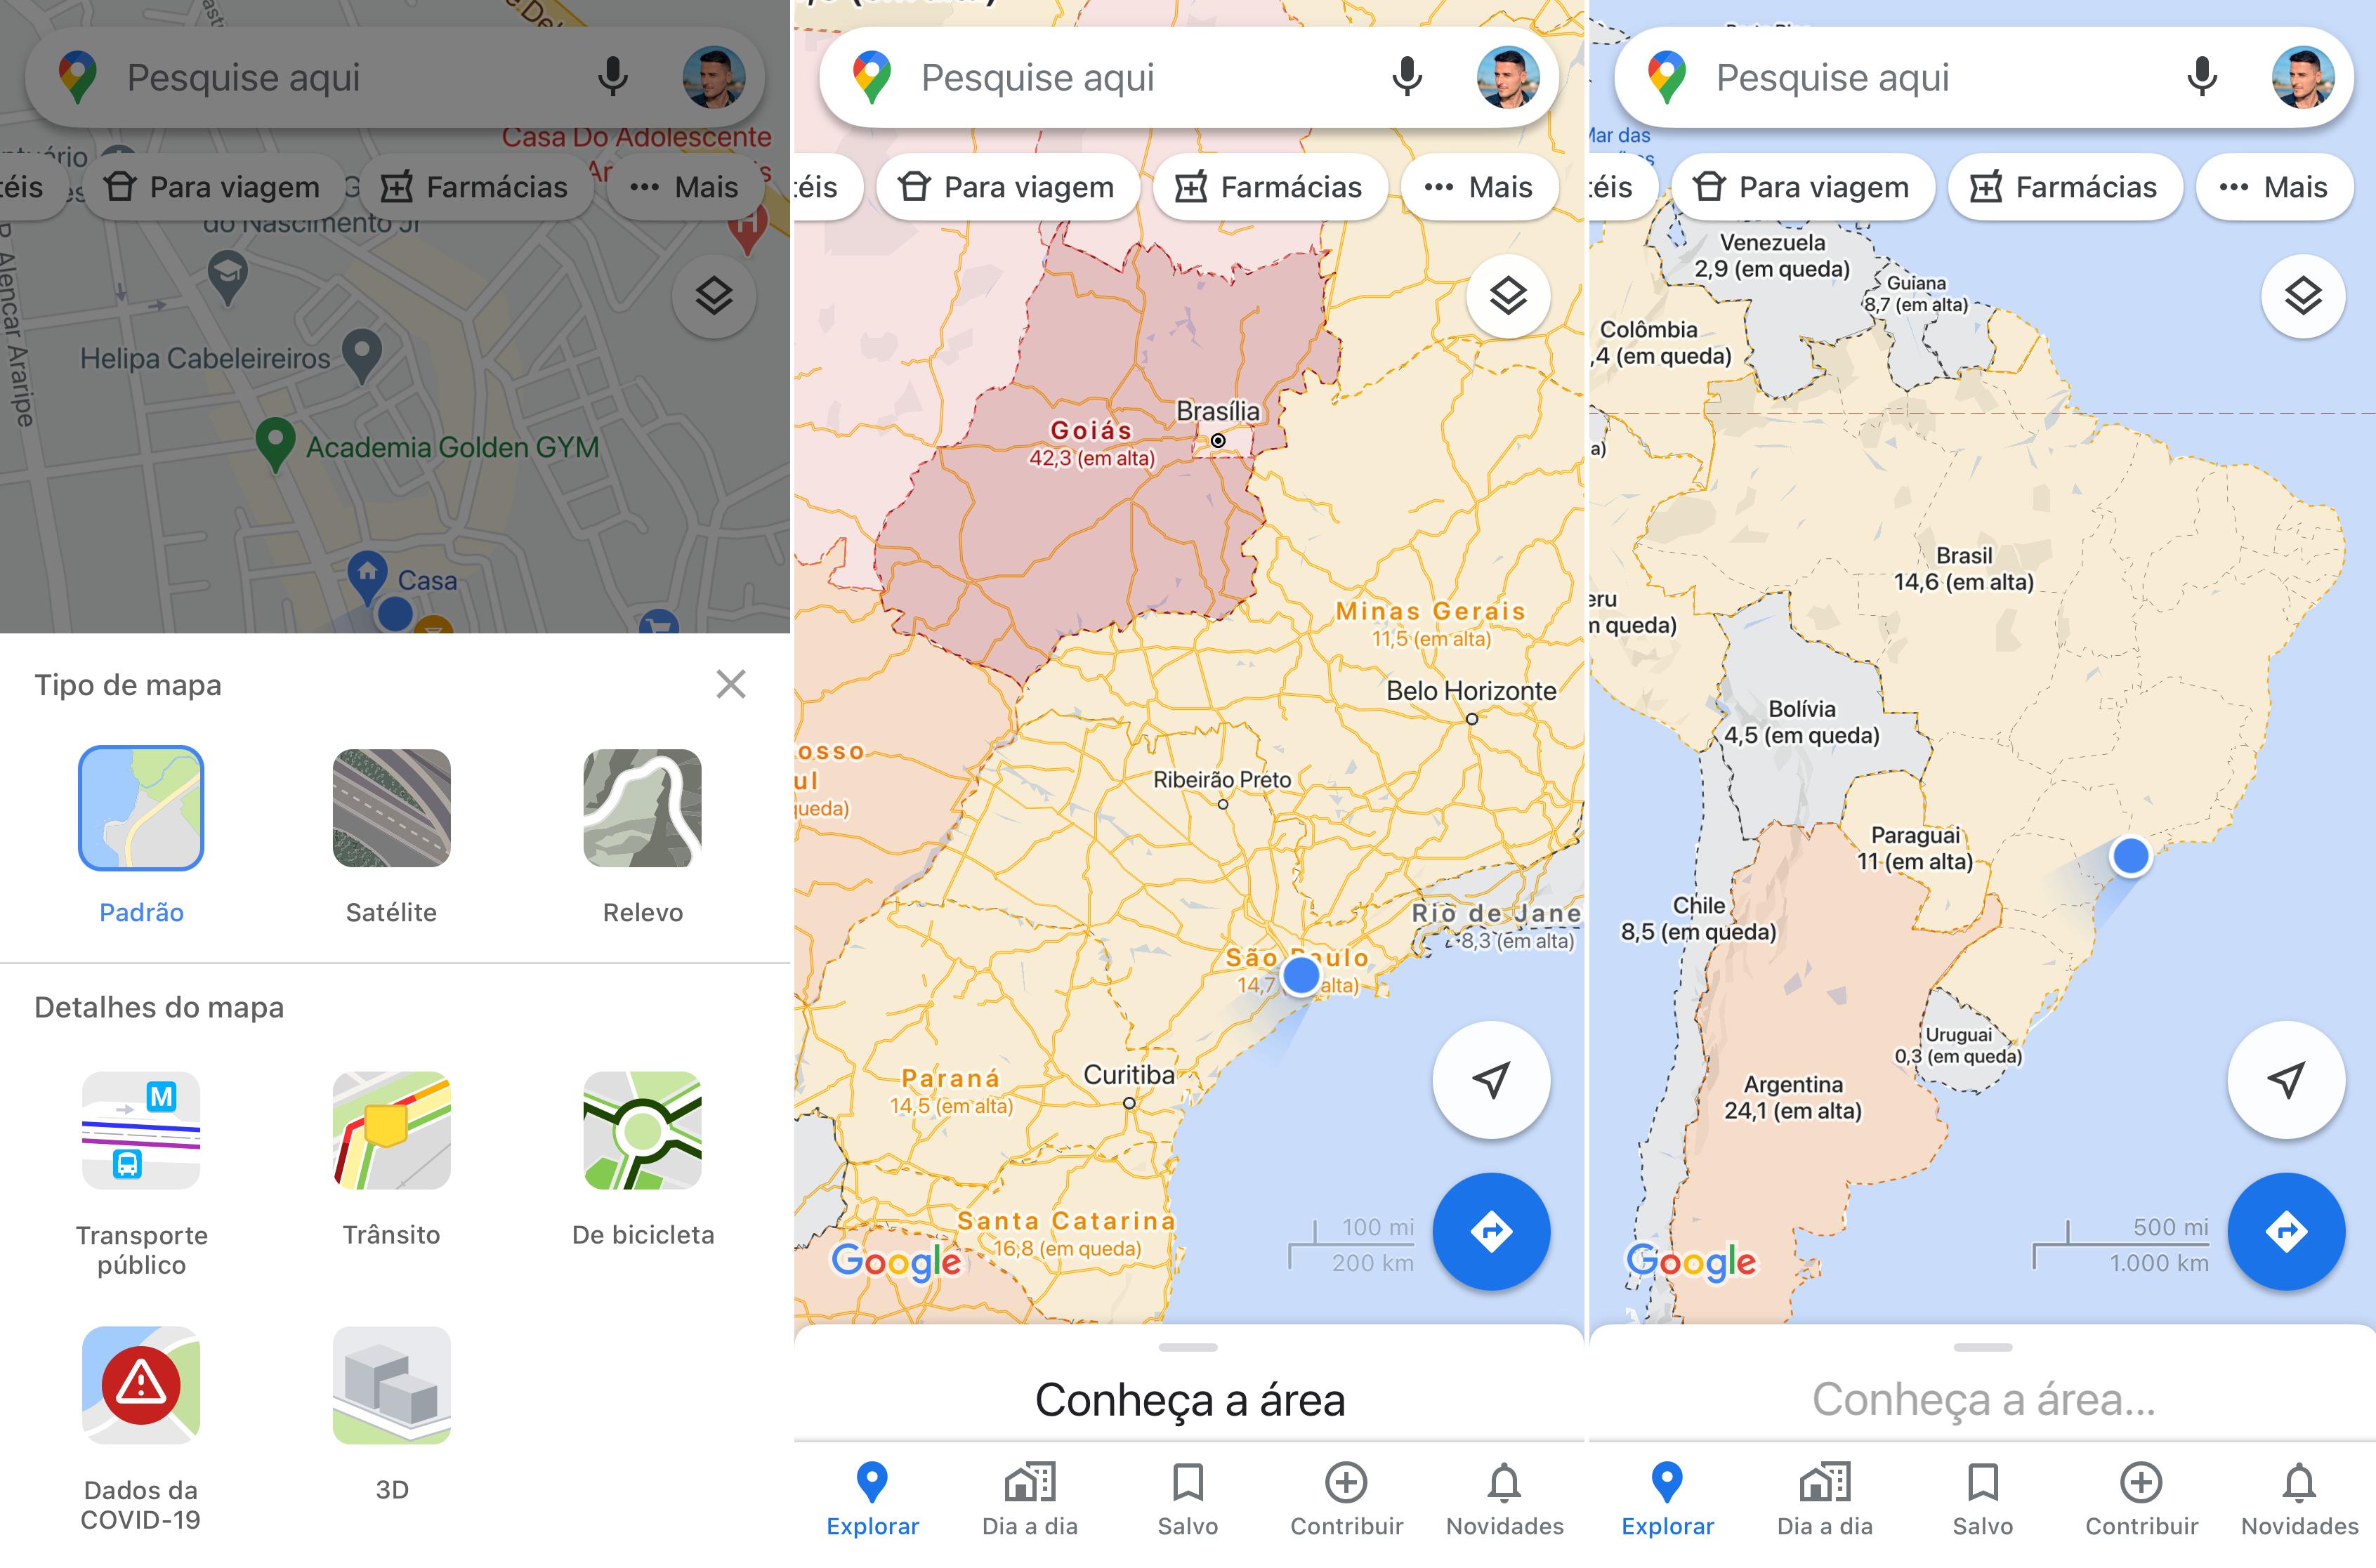 Google Maps mostra novos casos de COVID-19 na região